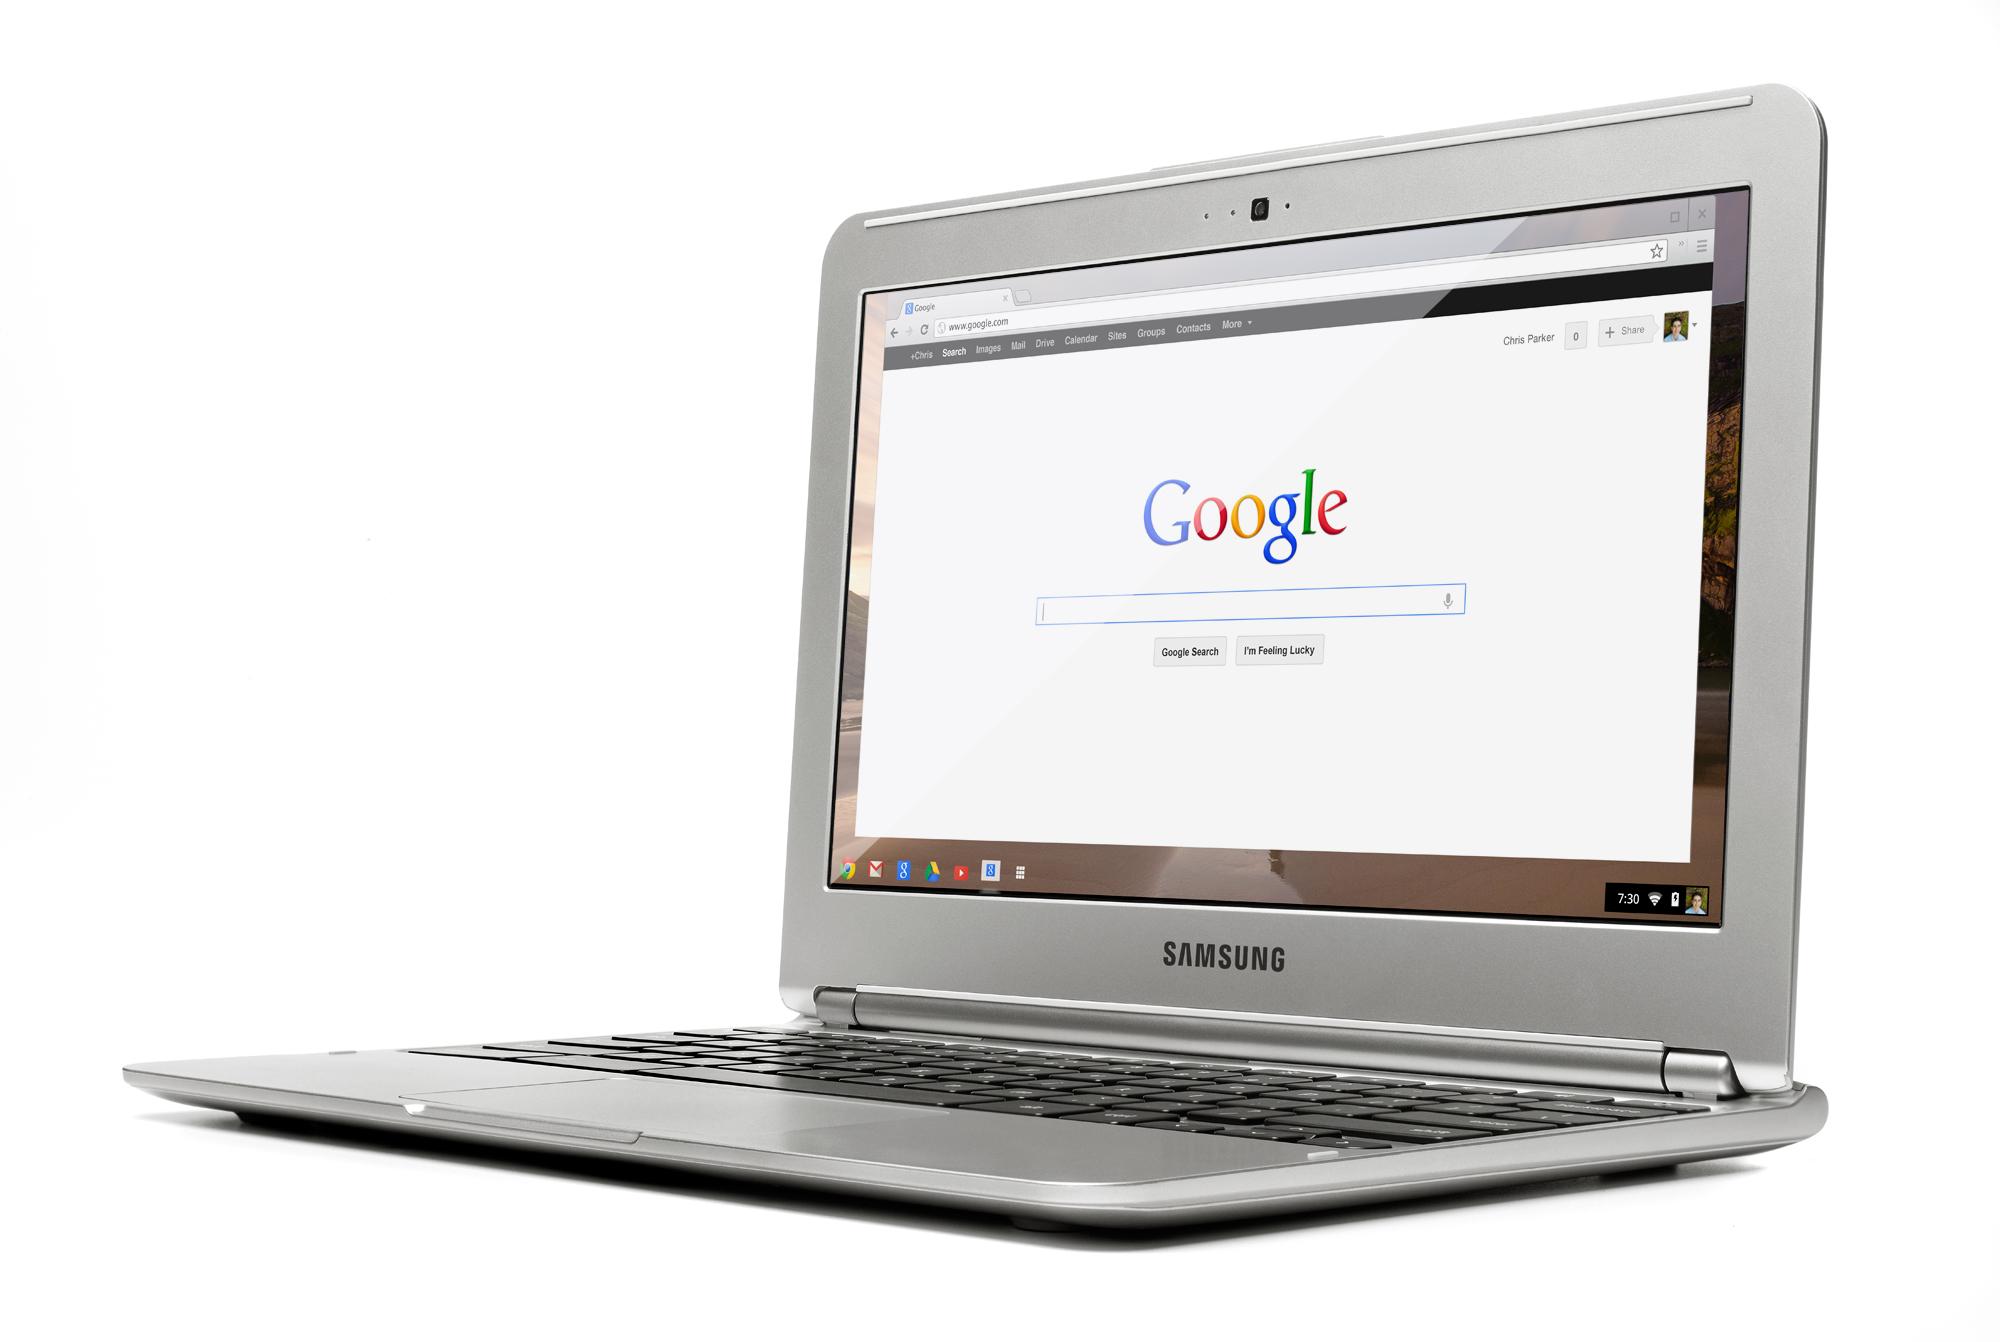 samsung chromebook frontview2 webres - Les Chromebook arrivent chez Future Shop!